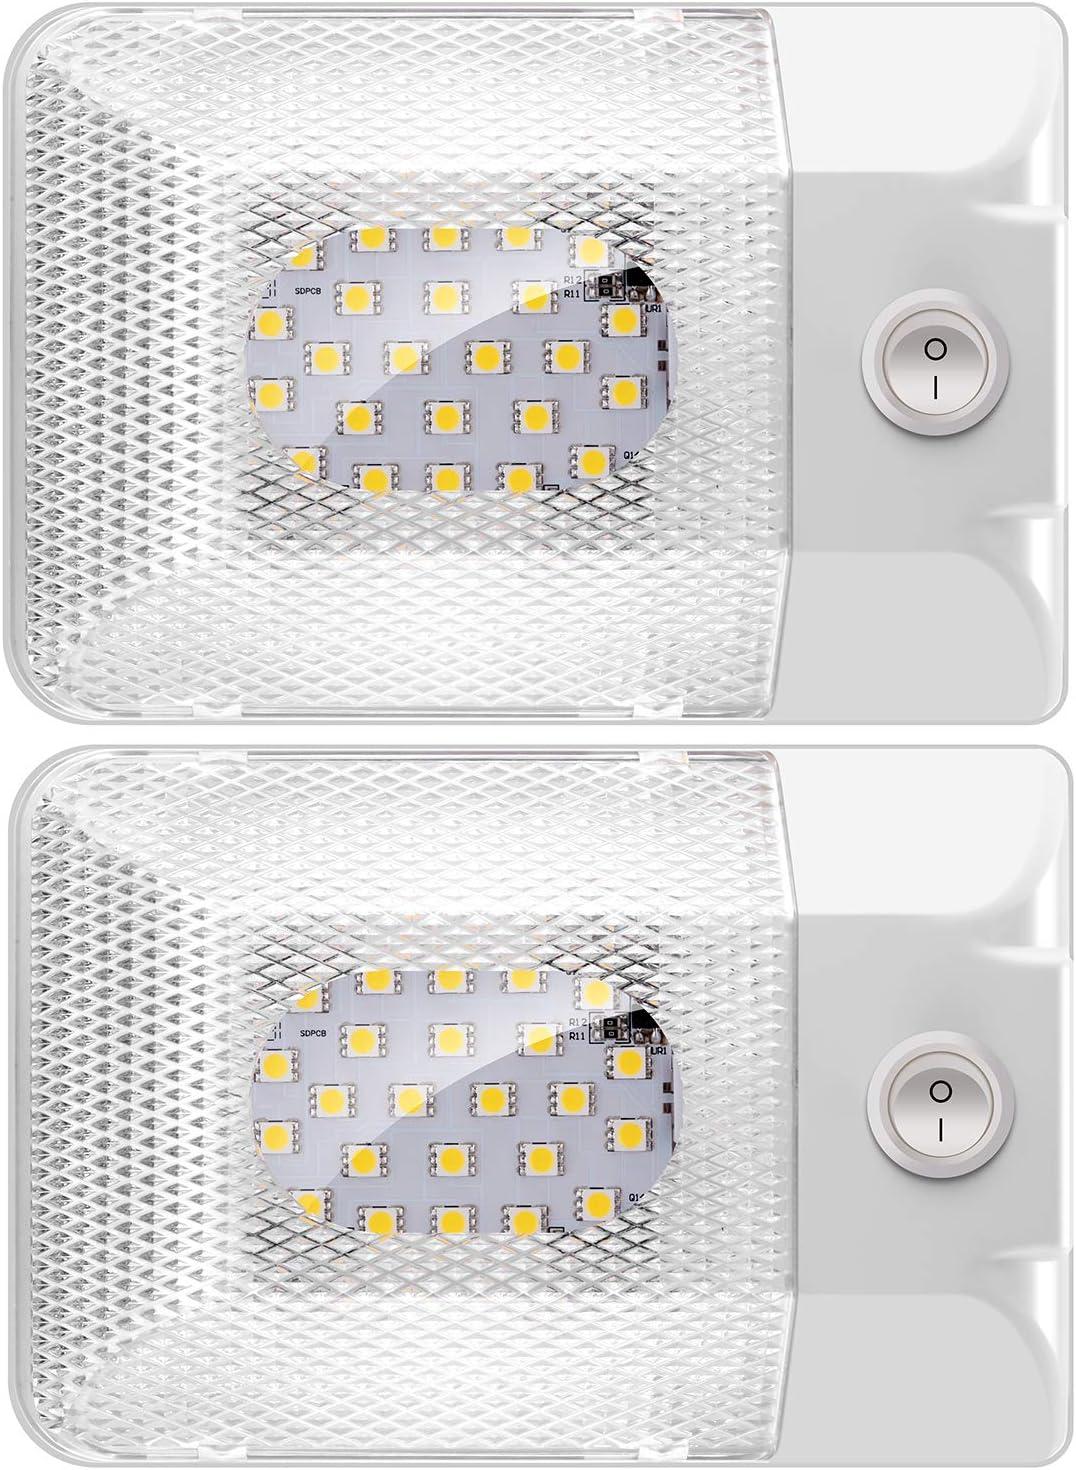 Kriogor Luz Interior Adorno de la Bóveda de Coche Lámpara 12V Blanco del Techo para Autocaravana con Interruptor Camper RV Coche de Turismo Caravana Remolque Barco Camión Yate(2 Piezas)